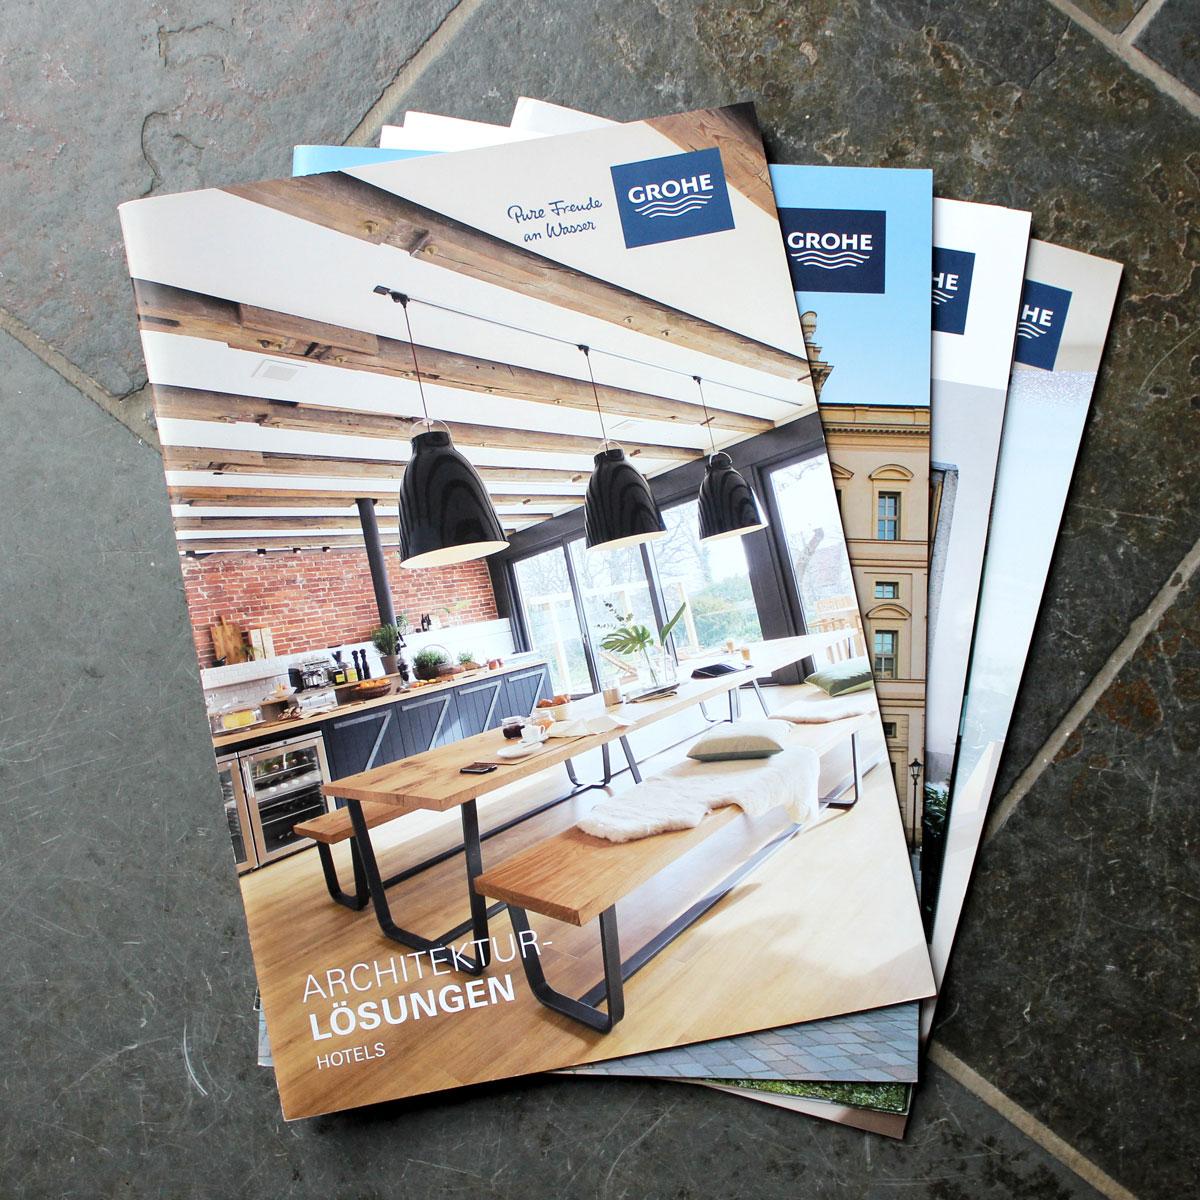 GROHE Architekturloesungen_8